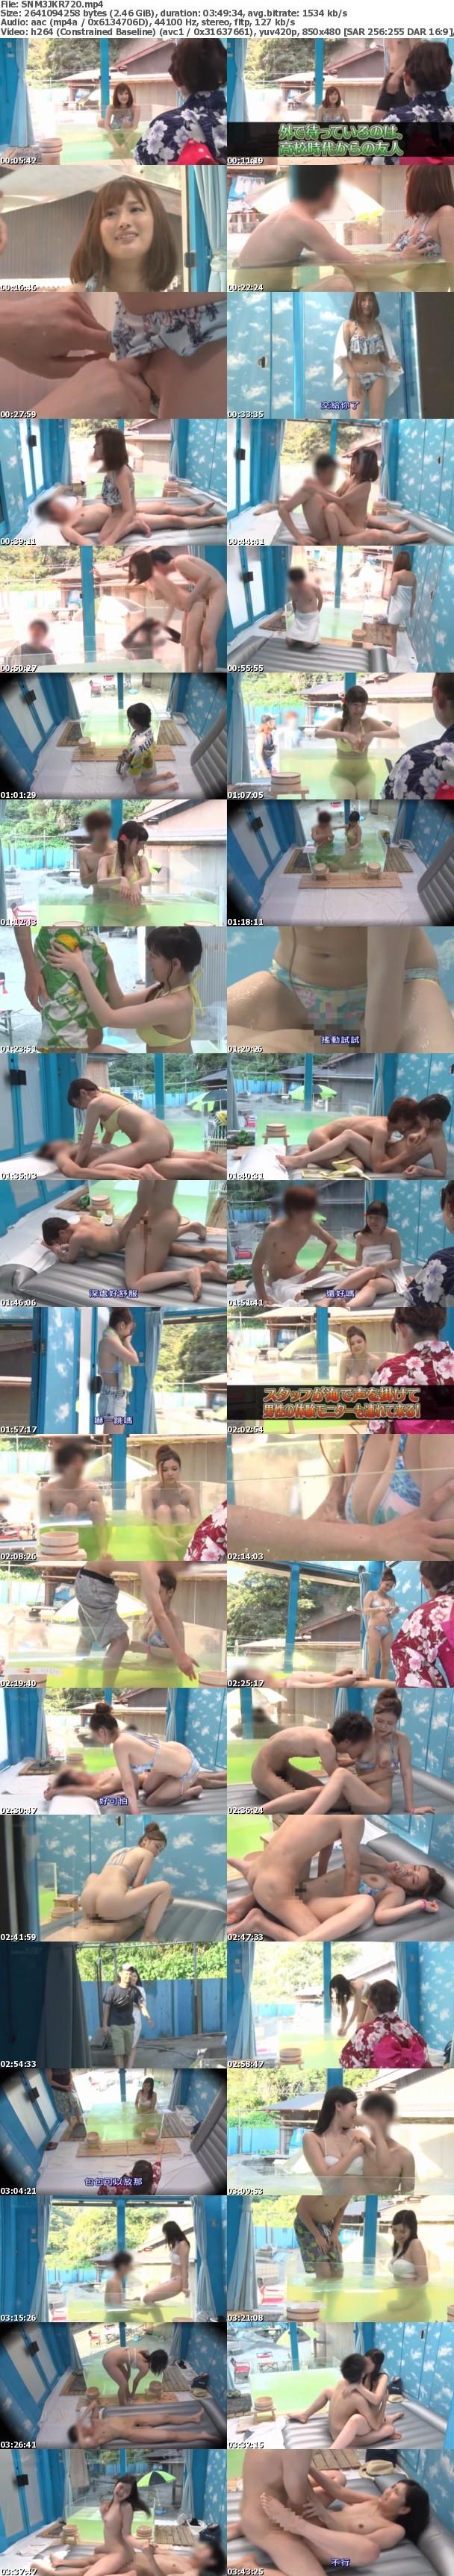 SDMU-720 魔術鏡一號 只包含女大學生! 海水浴場第一次見面的男女在混浴溫泉做愛!! 裸體相見的兩人隨著按摩而忘我內射!?[中文字幕]